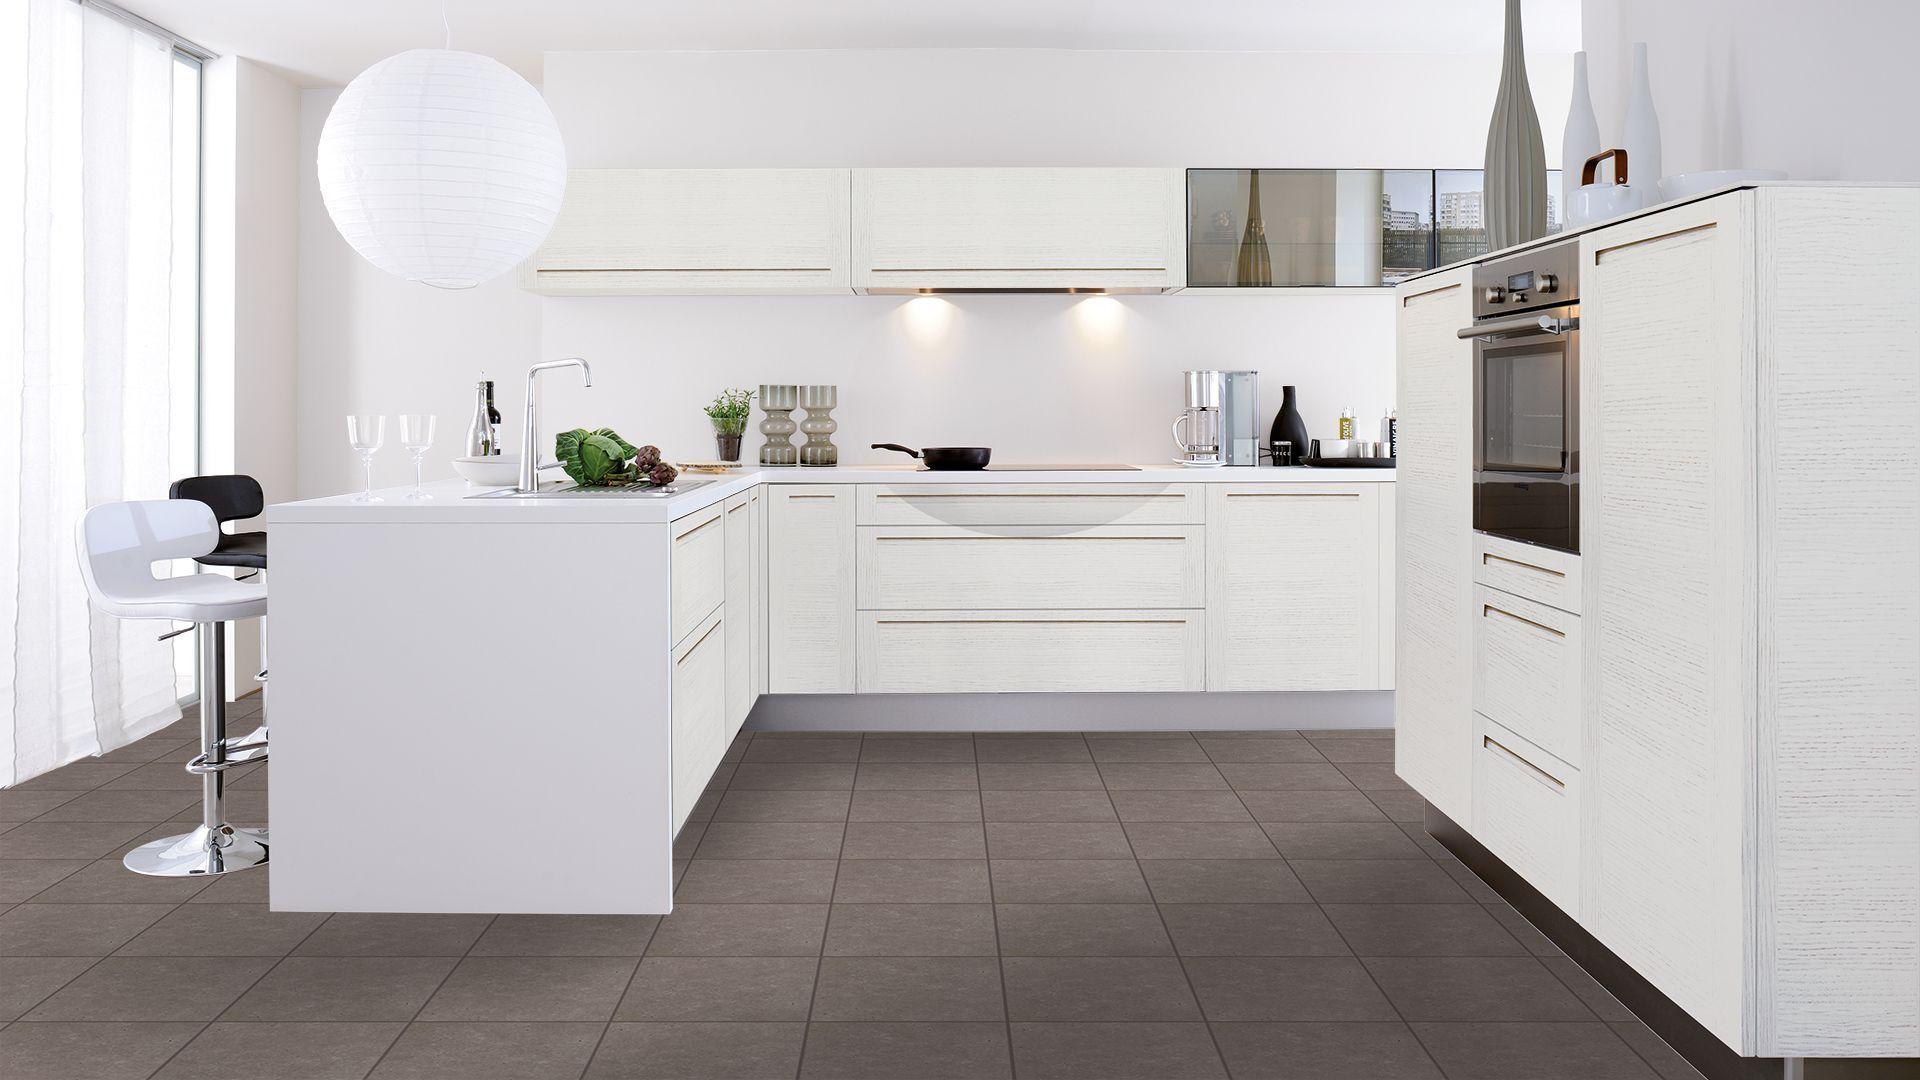 Plan De Travail Cuisinella Blanc Lille Menage Fr Maison